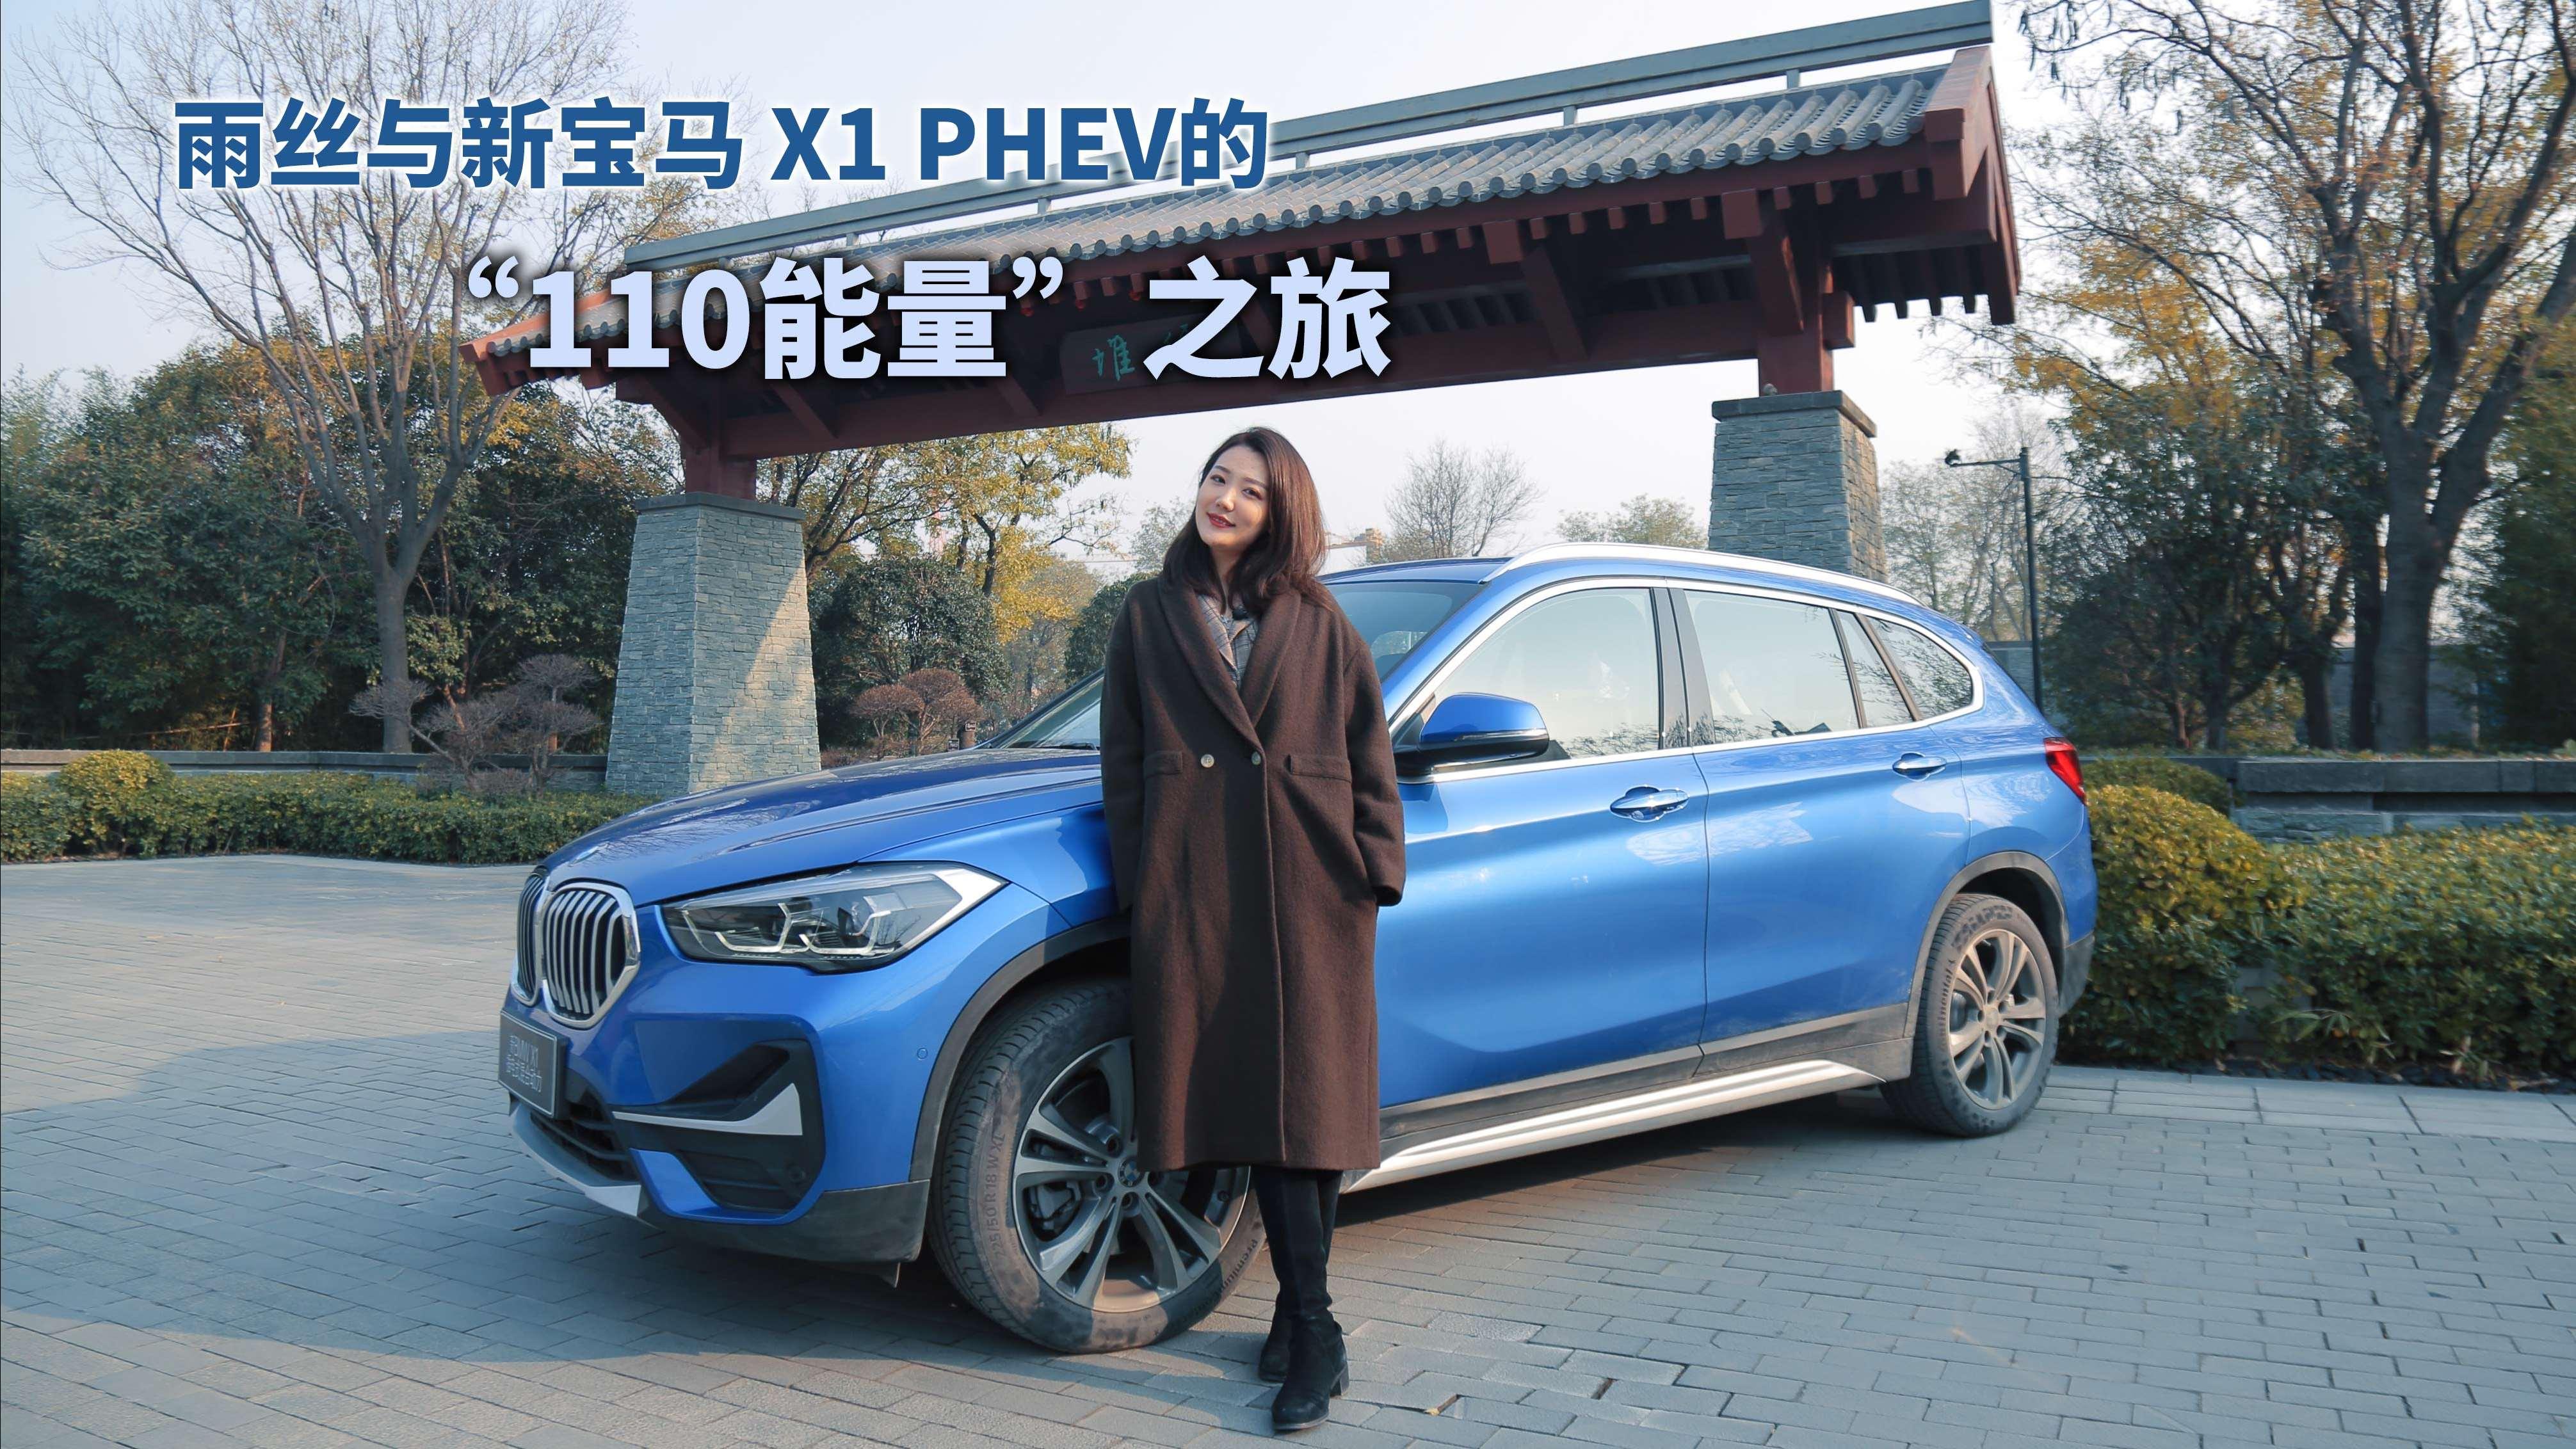 """新出行游记丨雨丝与新宝马 X1 PHEV的""""110能量""""之旅"""